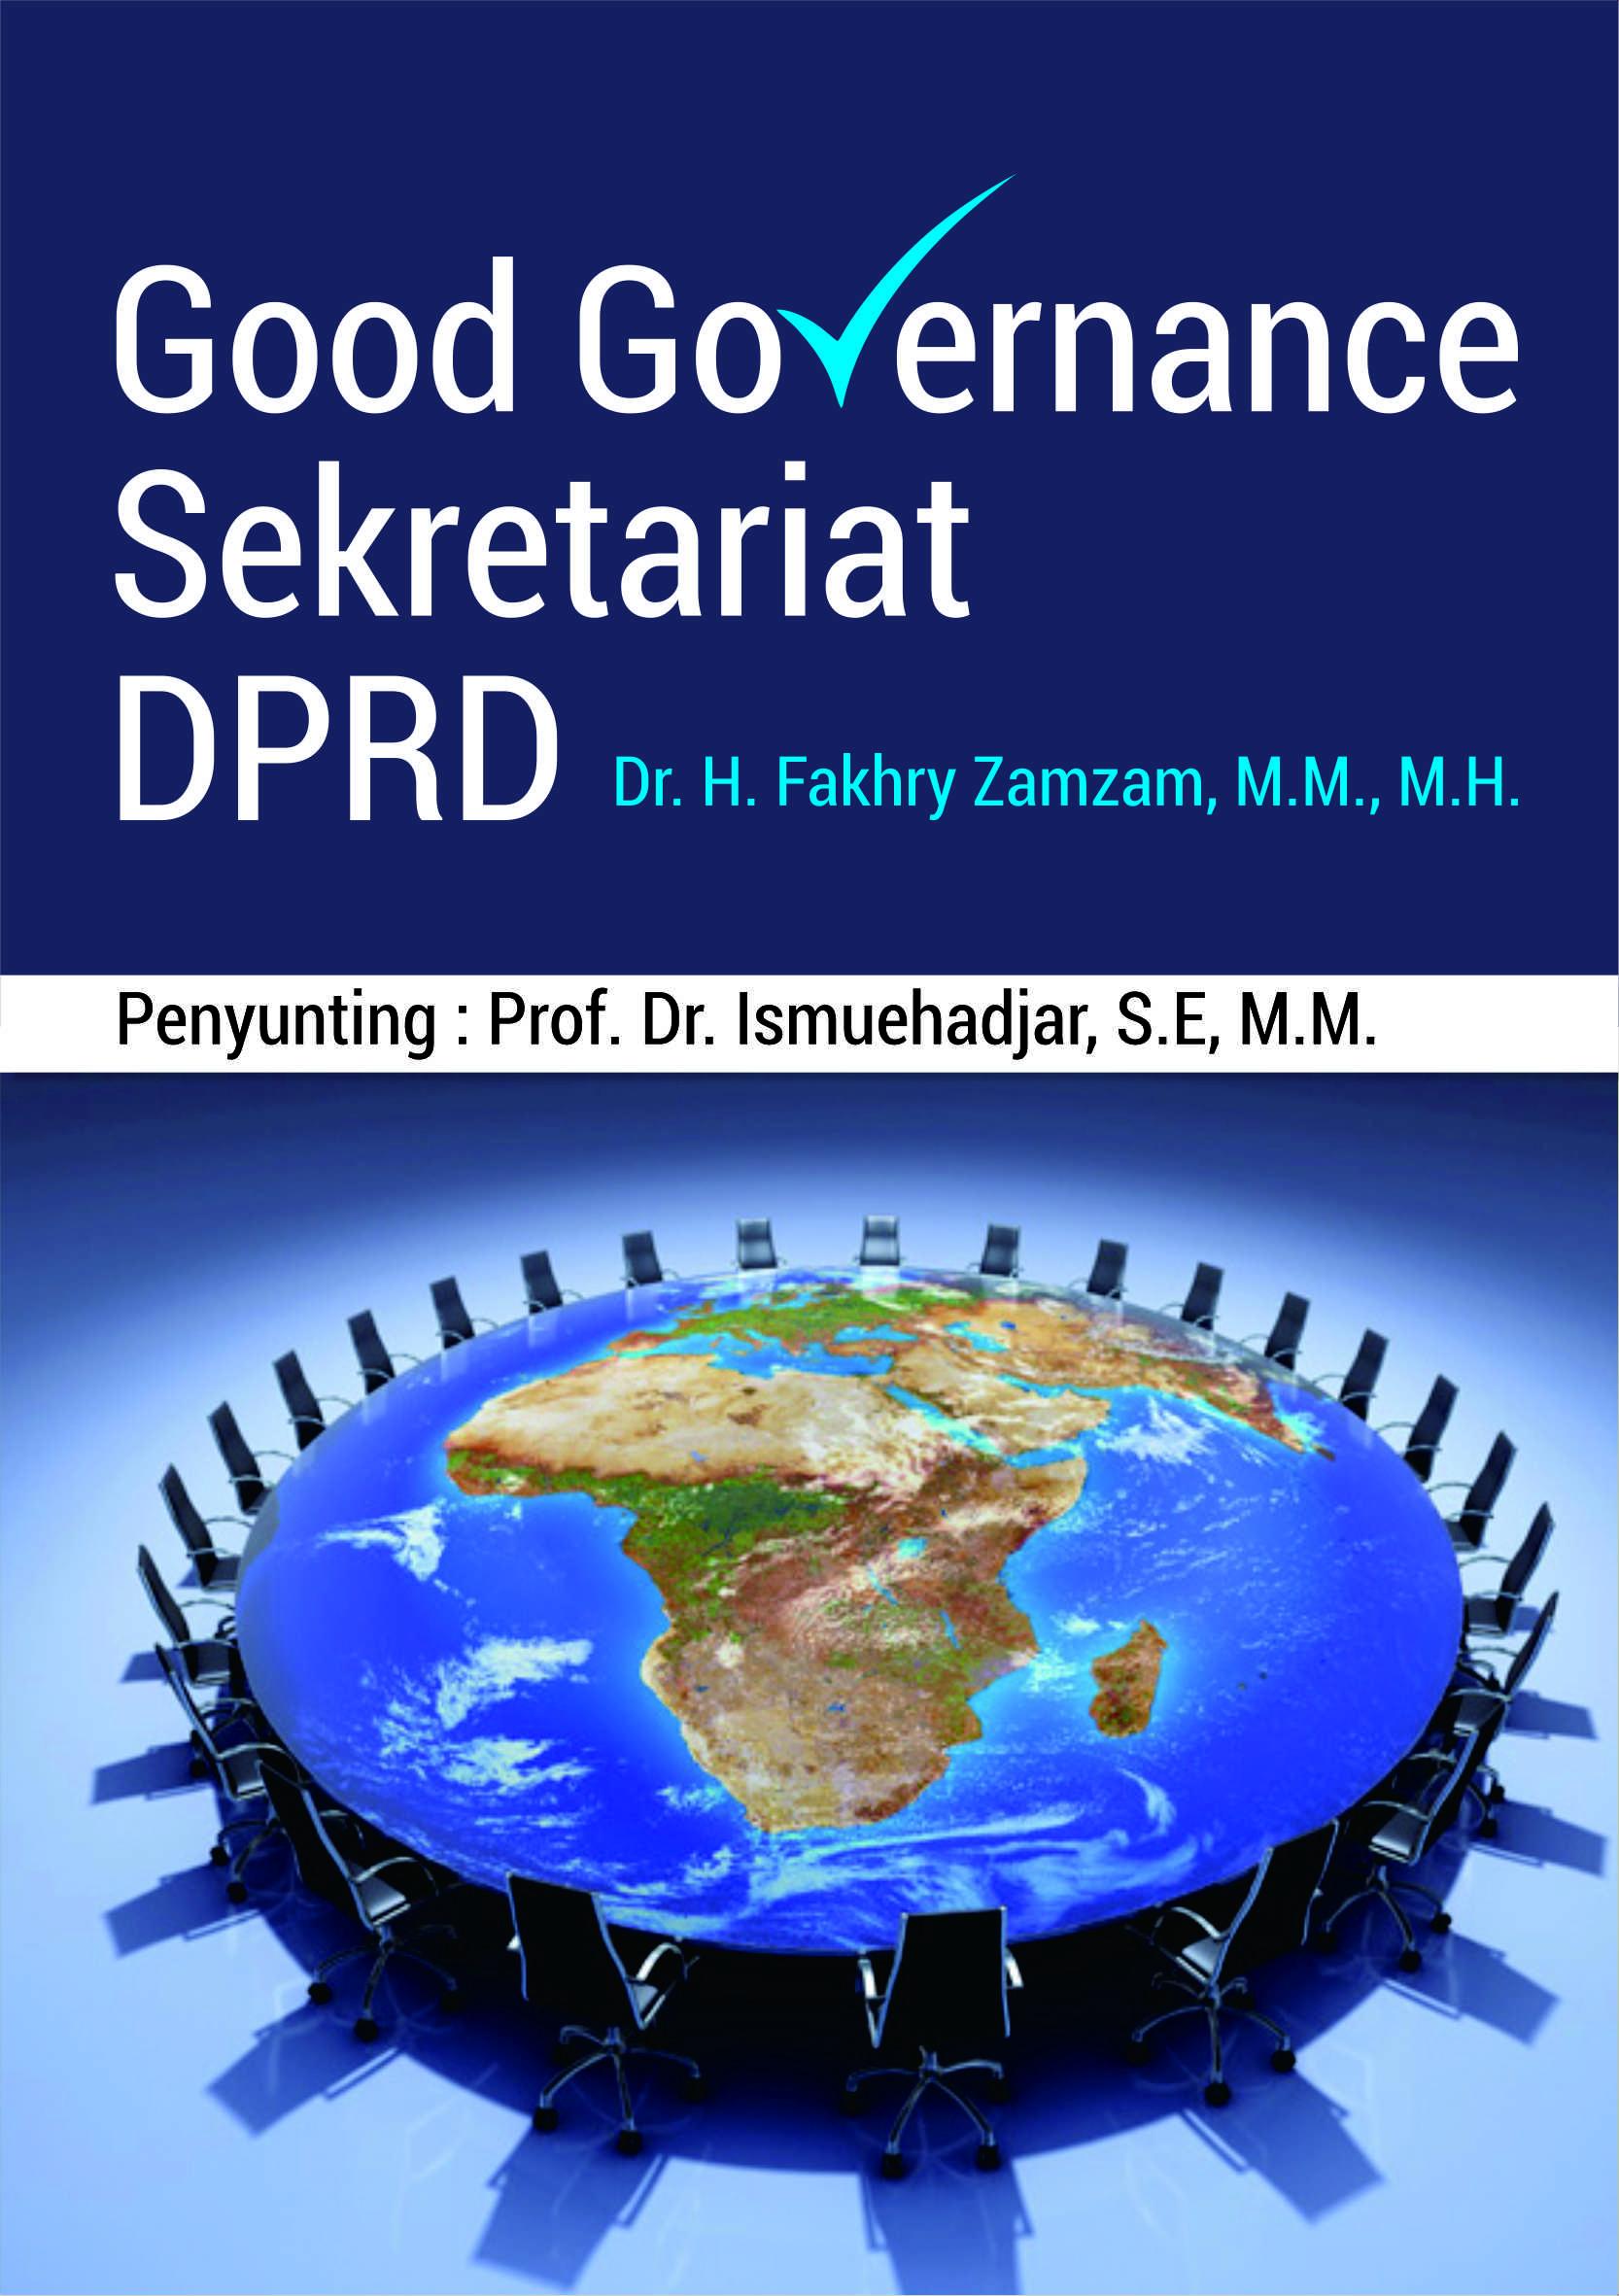 Sekretariat DPRD [sumber elektronis] : good governance